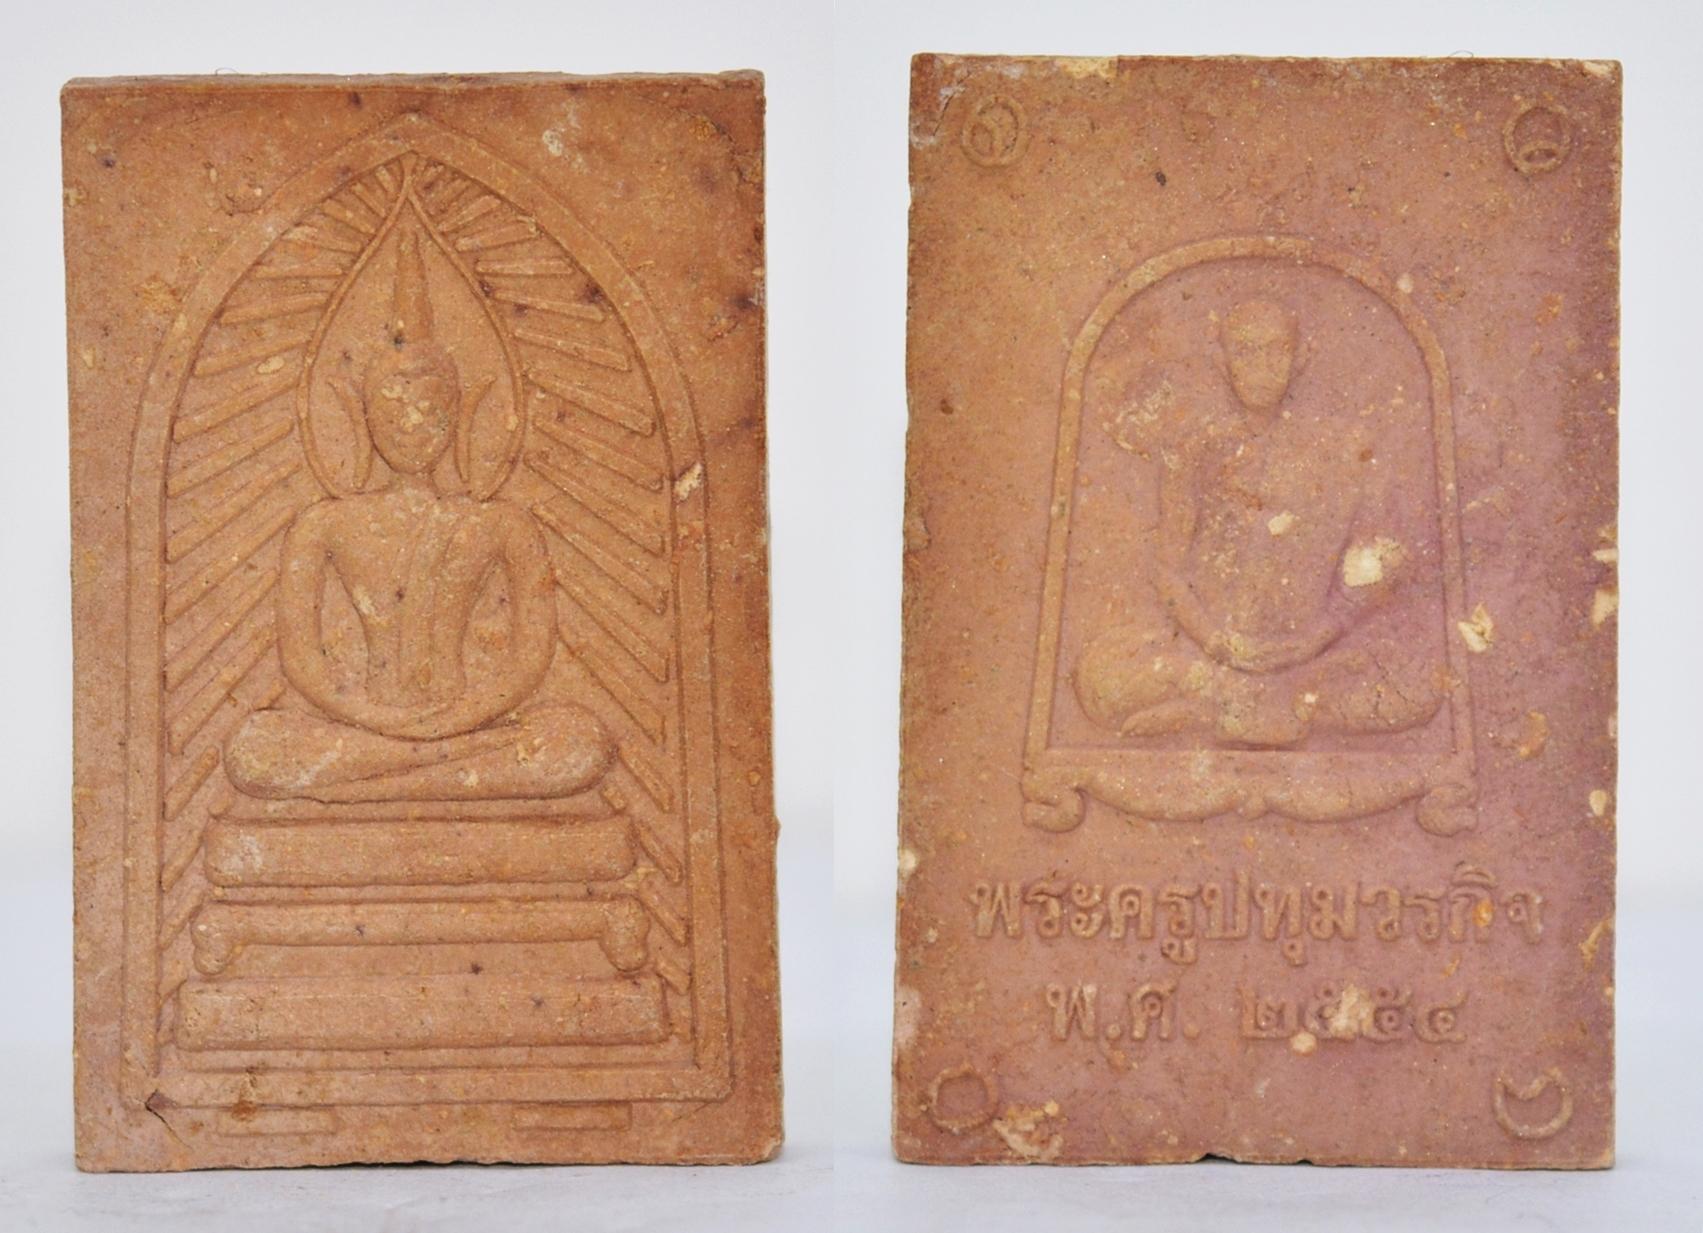 สมเด็จหลังรูปเหมือน หลวงพ่อชำนาญ วัดบางกุฎีทอง ปทุมธานี 2555